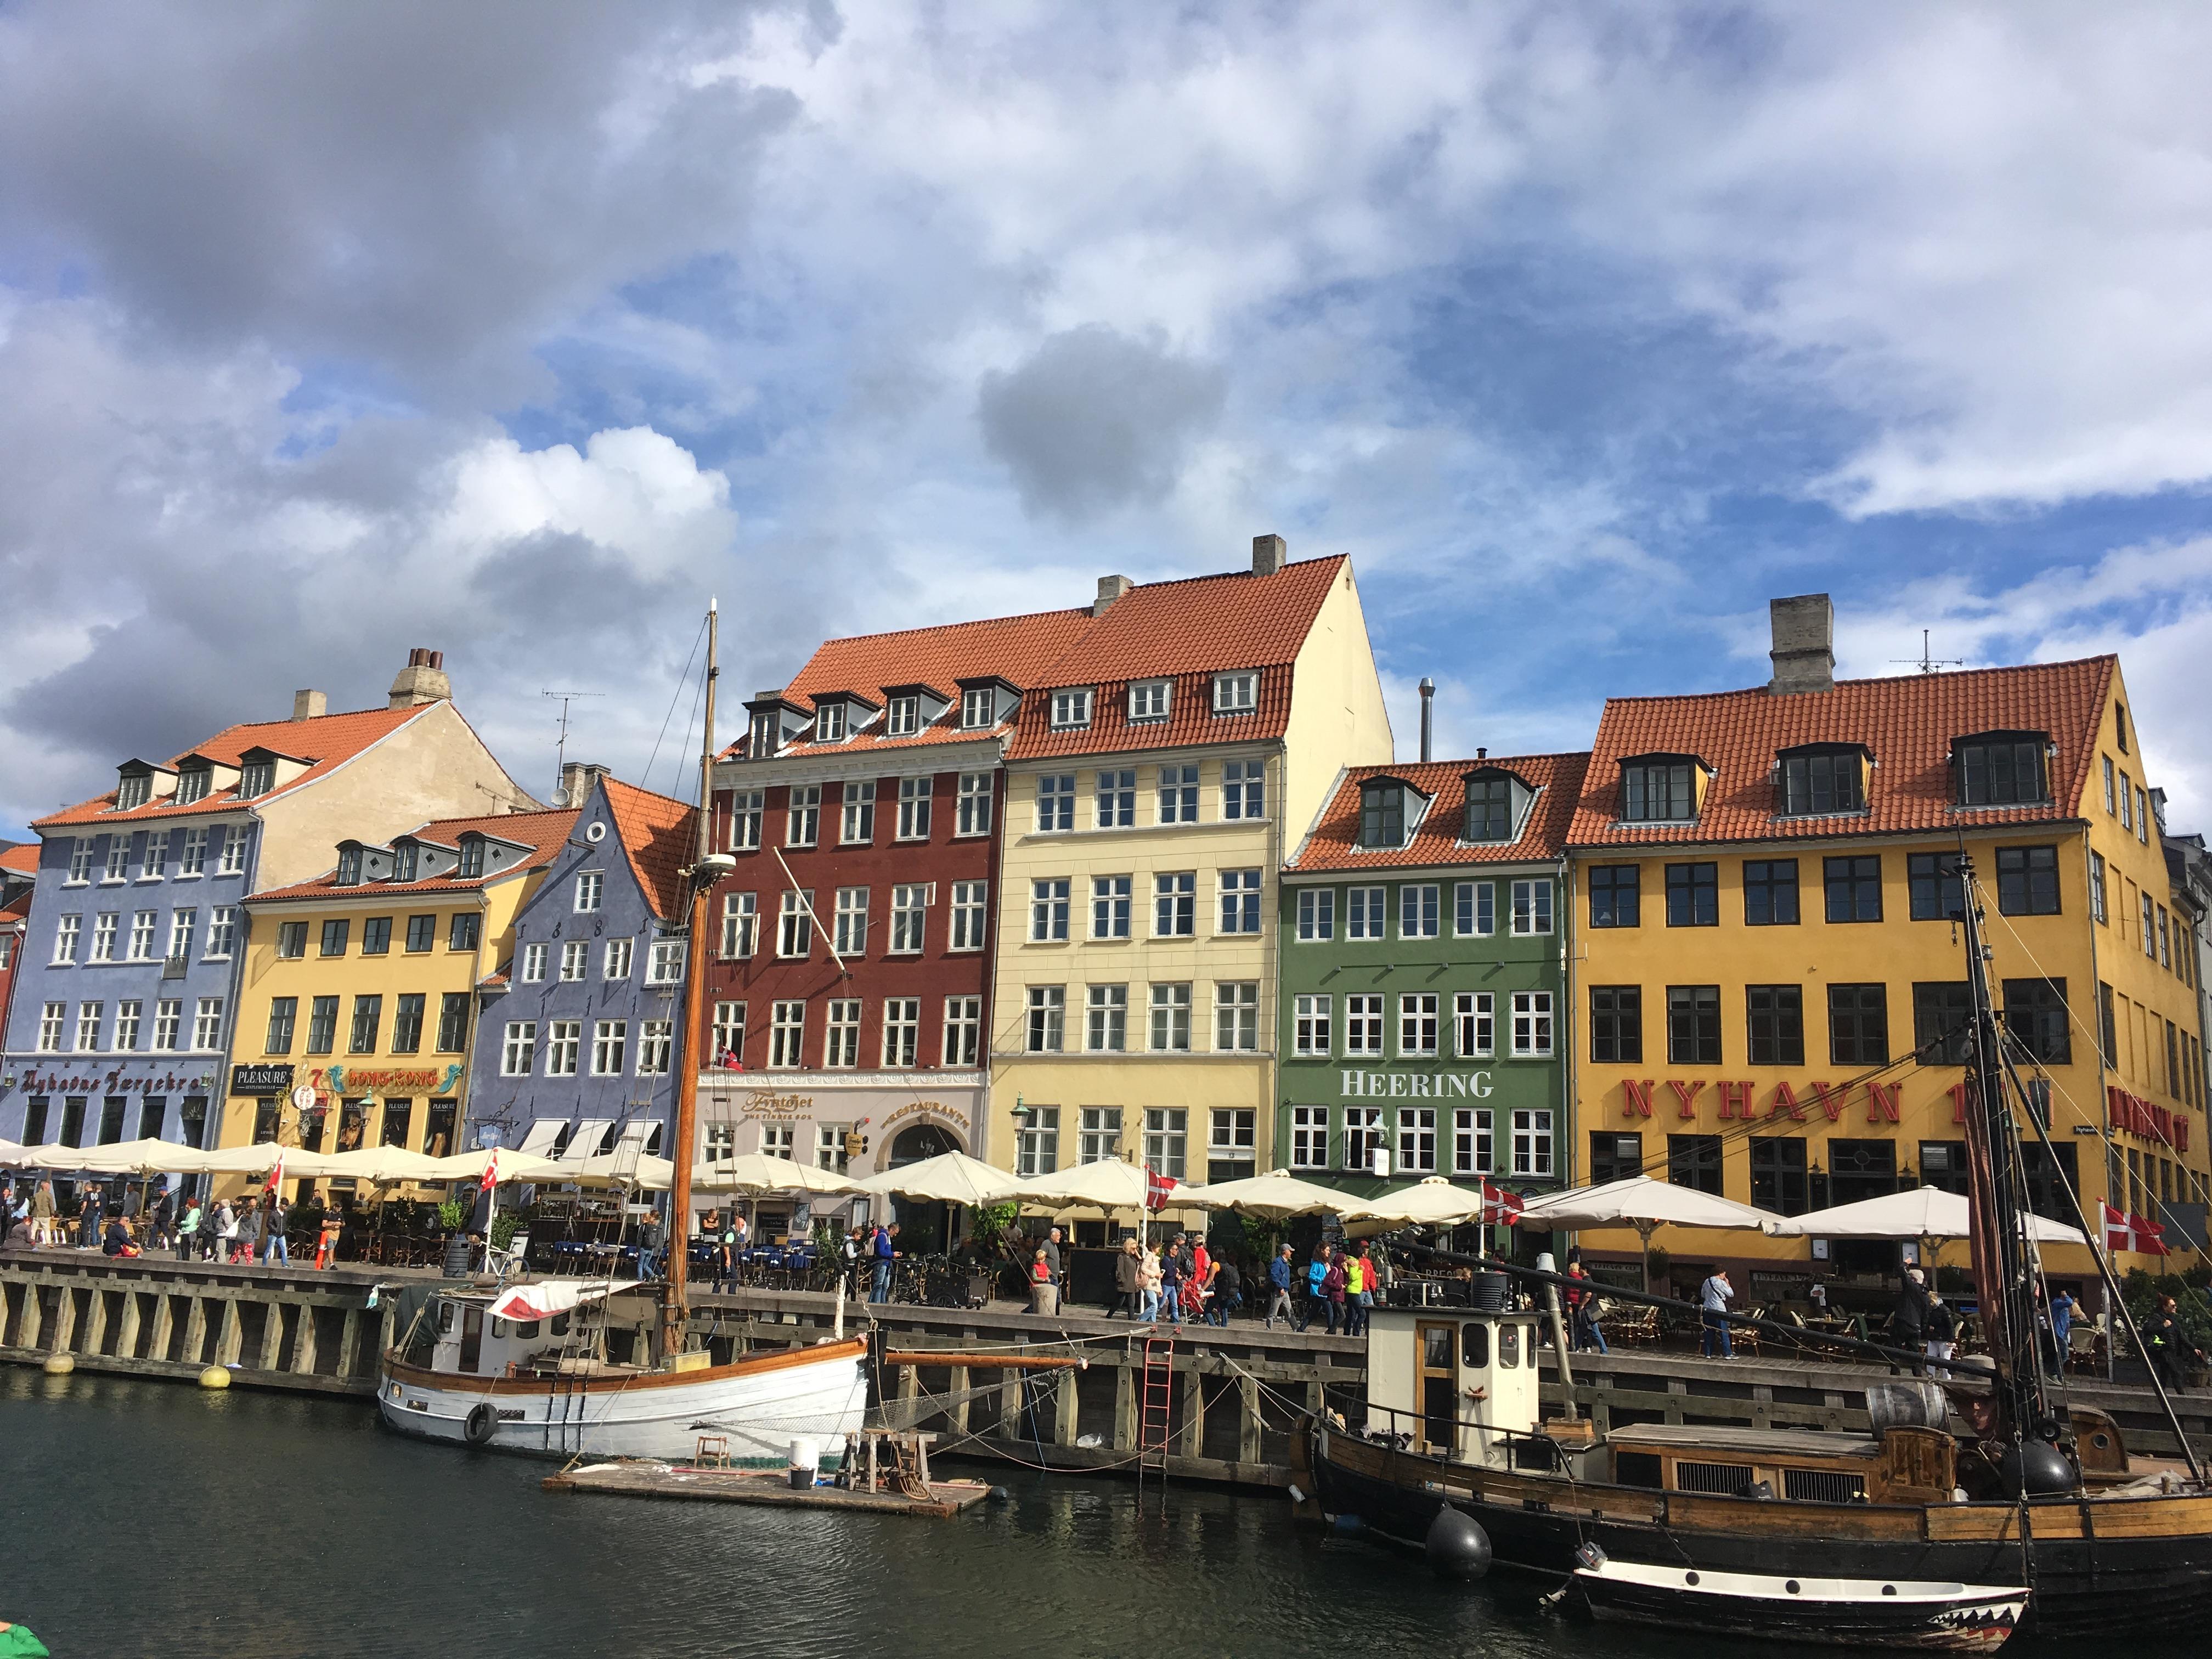 hřejivý sever kodaň